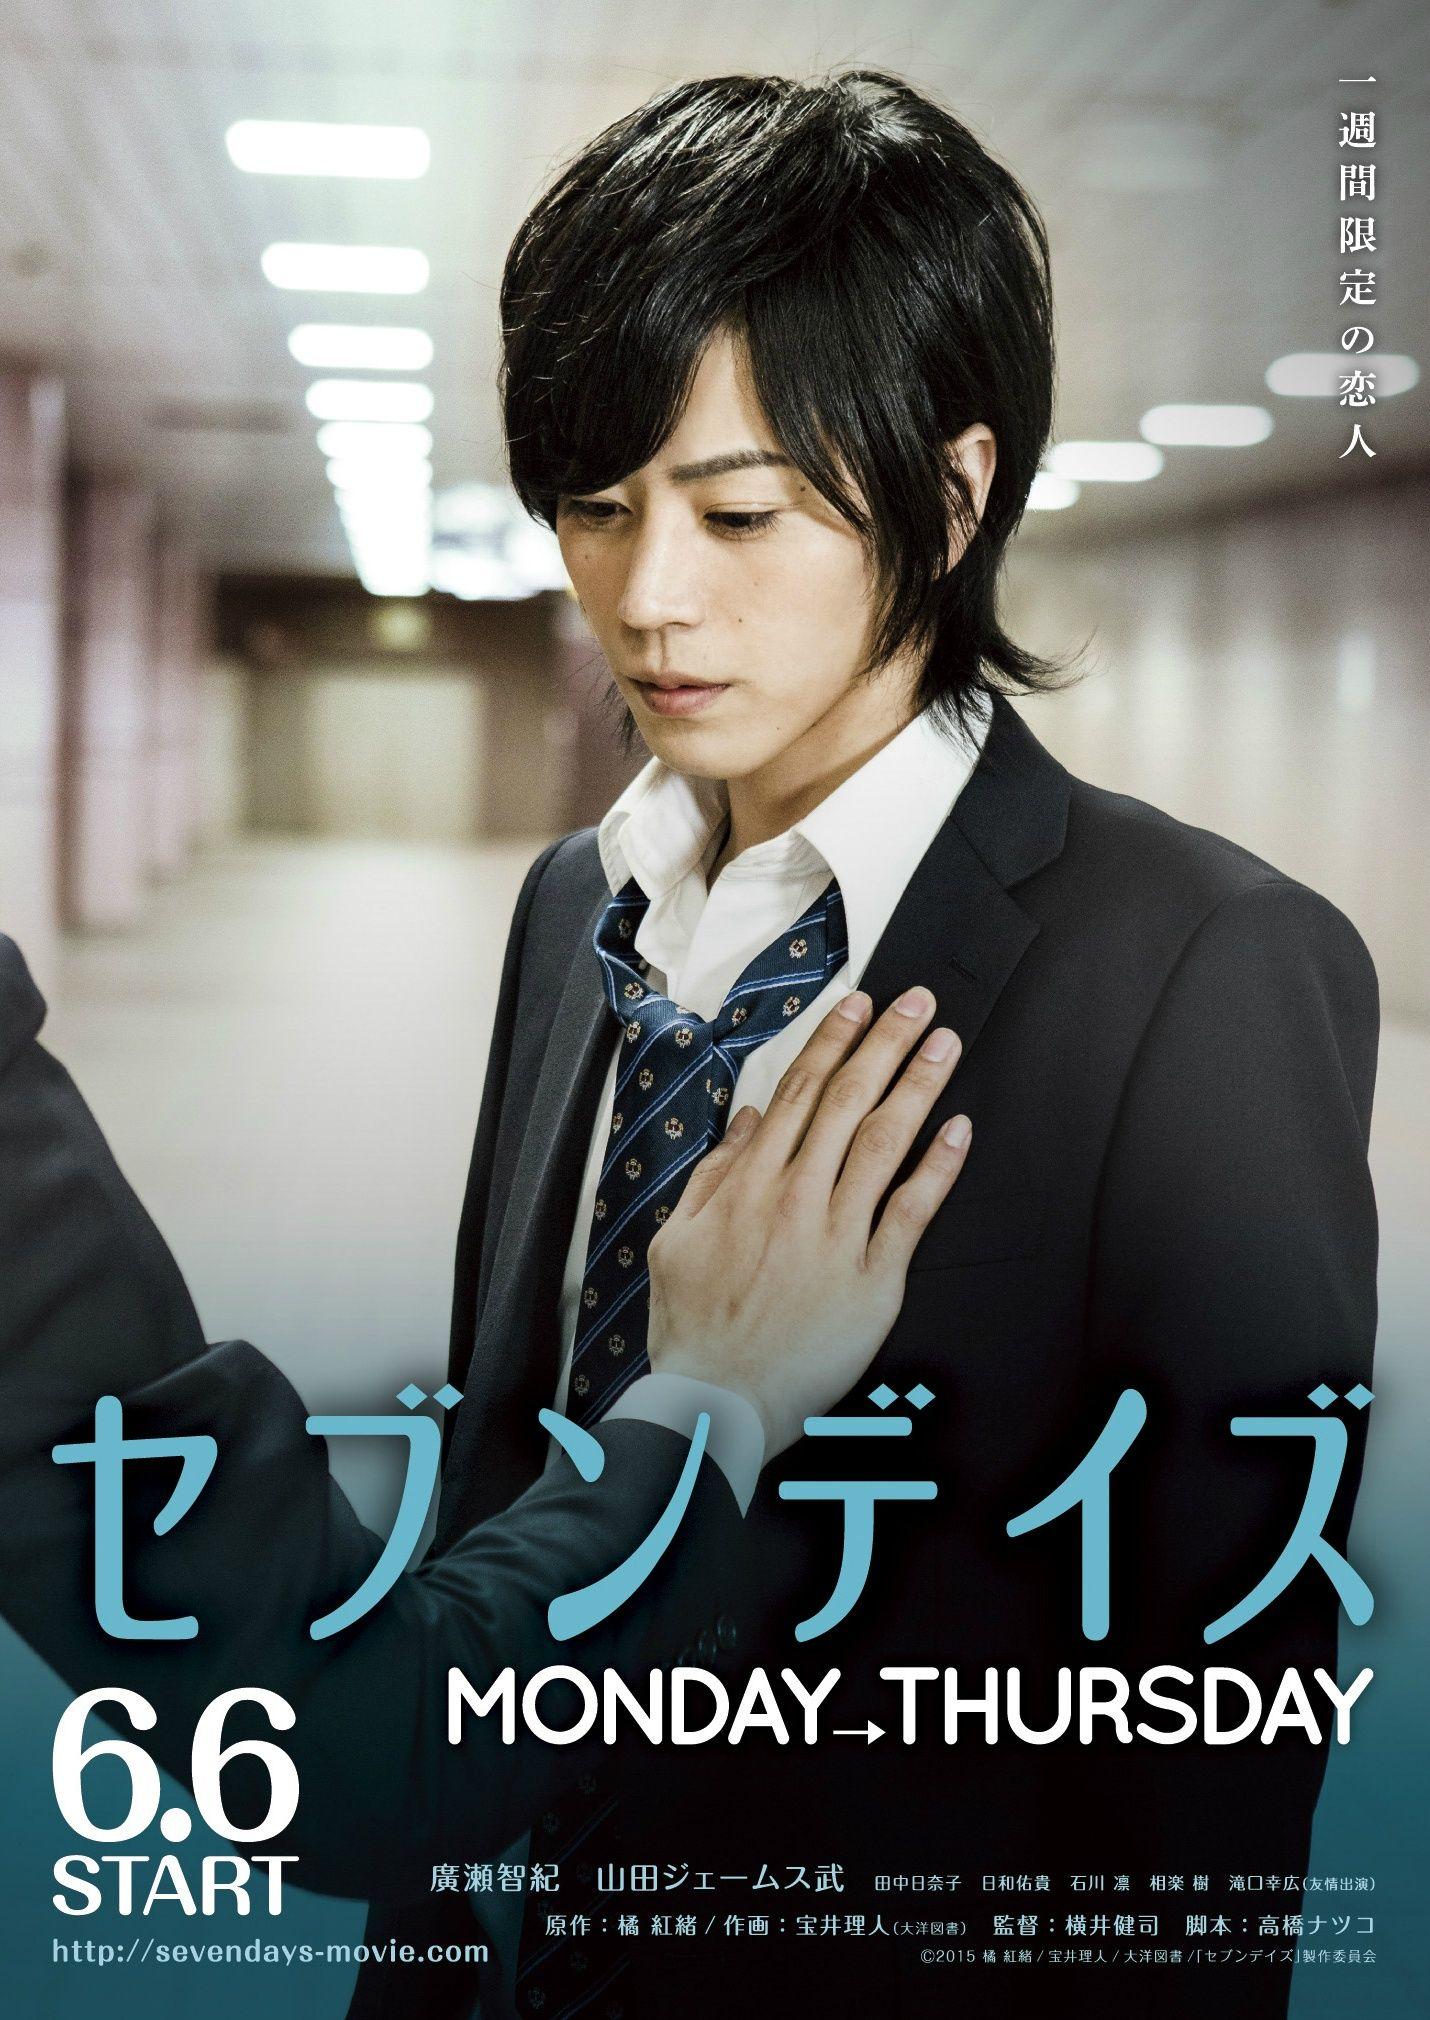 セブンデイズ MONDAY→THURSDAY, Seven Days 2015